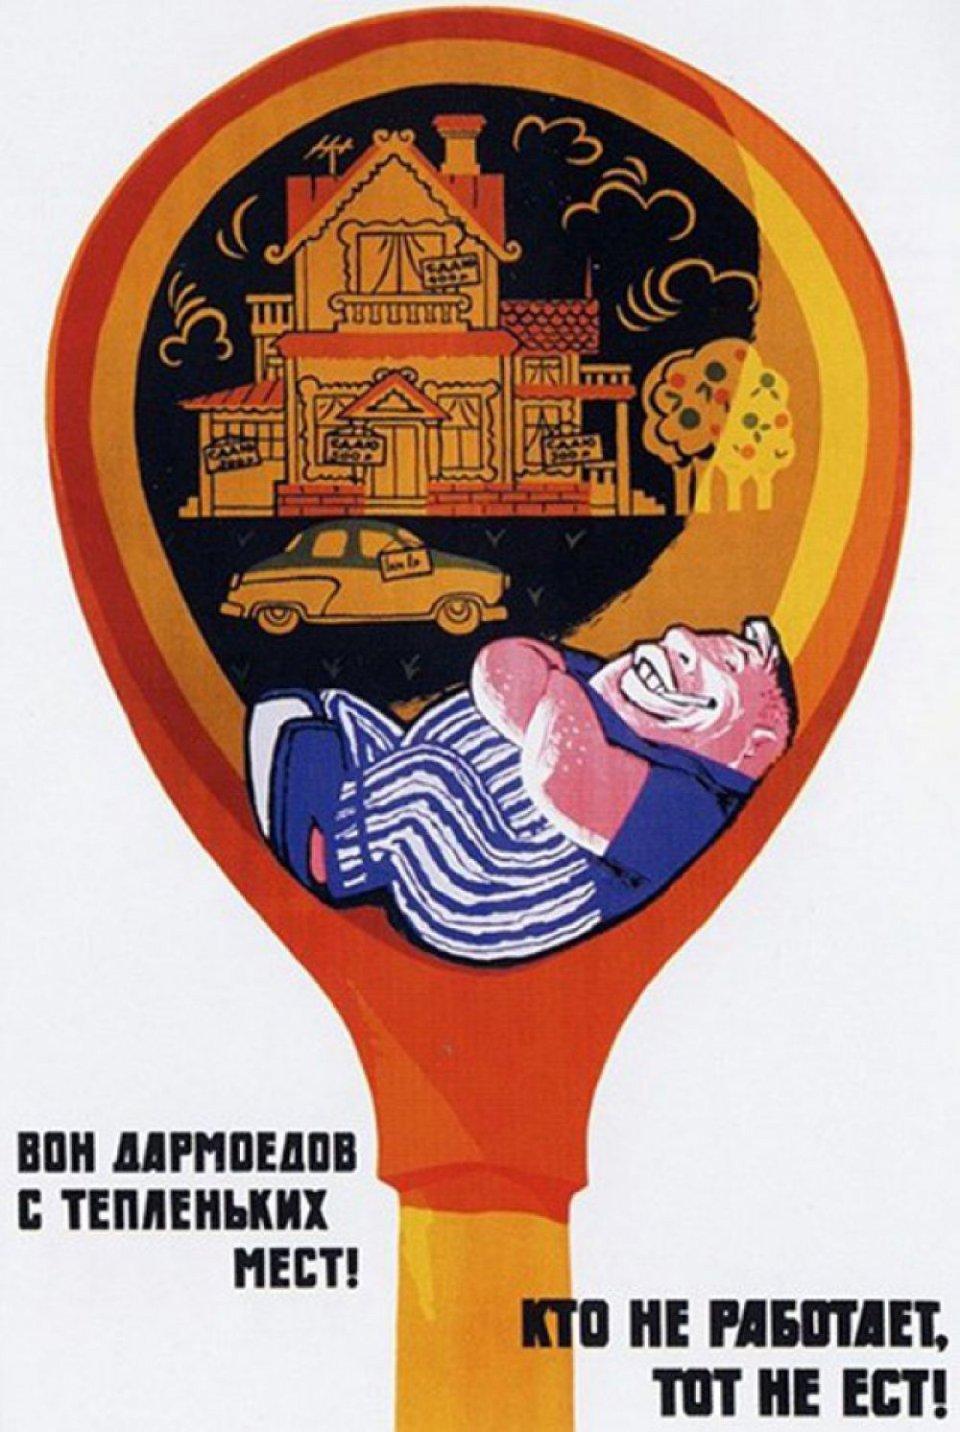 58 Конституції УРСР 1978 року наголошувала, що «ухилення від суспільно корисної праці є несумісним з принципами соціалістичного суспільства»